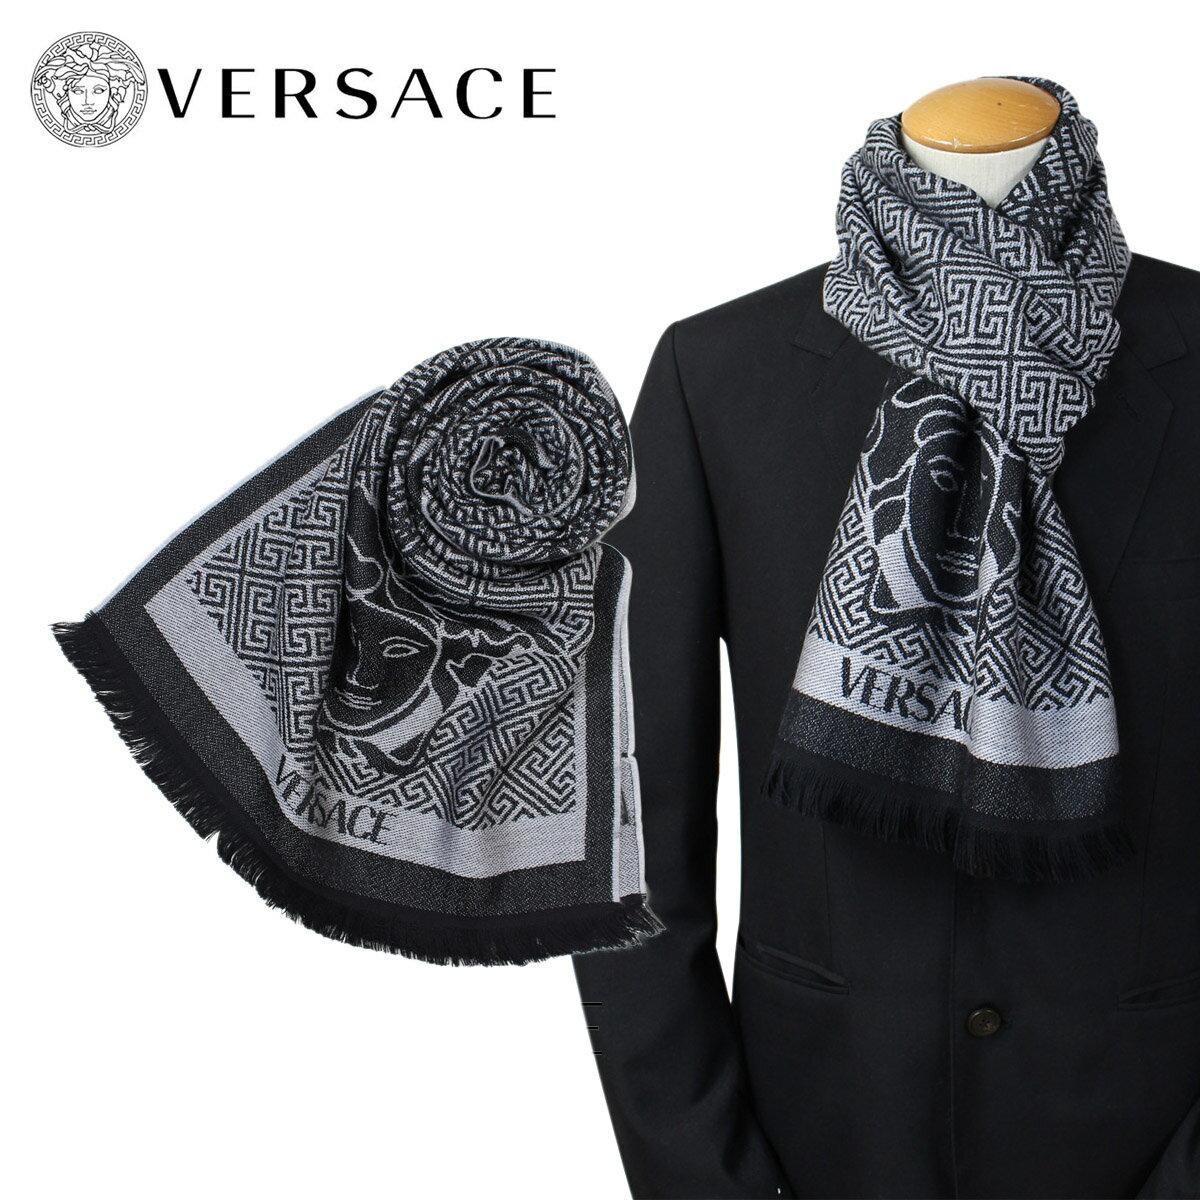 VERSACE マフラー ヴェルサーチ ベルサーチ メンズ ウール イタリア製 カジュアル ビジネス 0627 [1/15 追加入荷] [191]